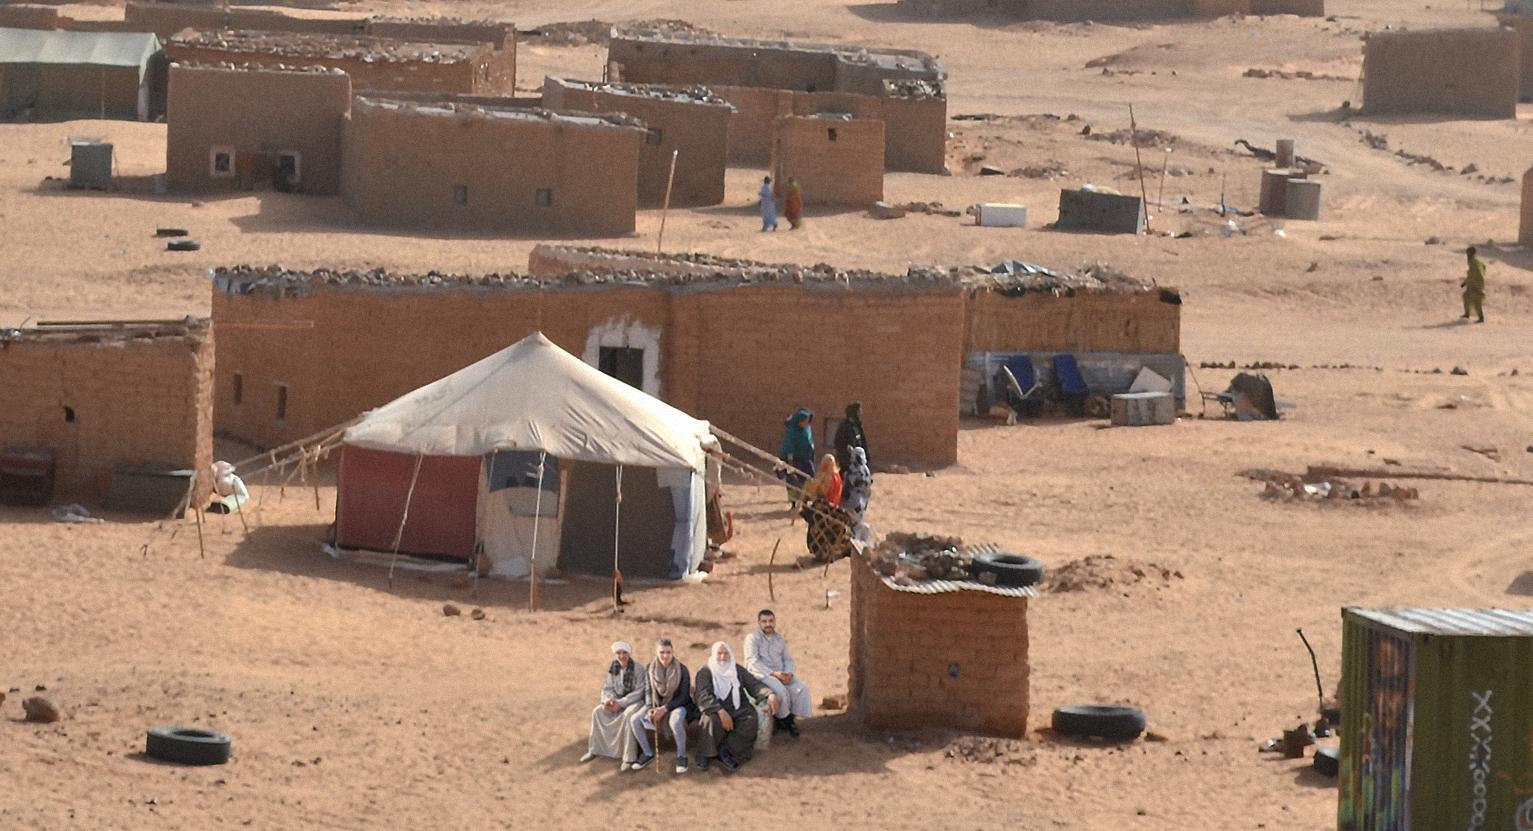 صورة الحكومة تطلب من سكان المناطق النائية الاقتراب قليلاً لتتمكن من خدمتهم